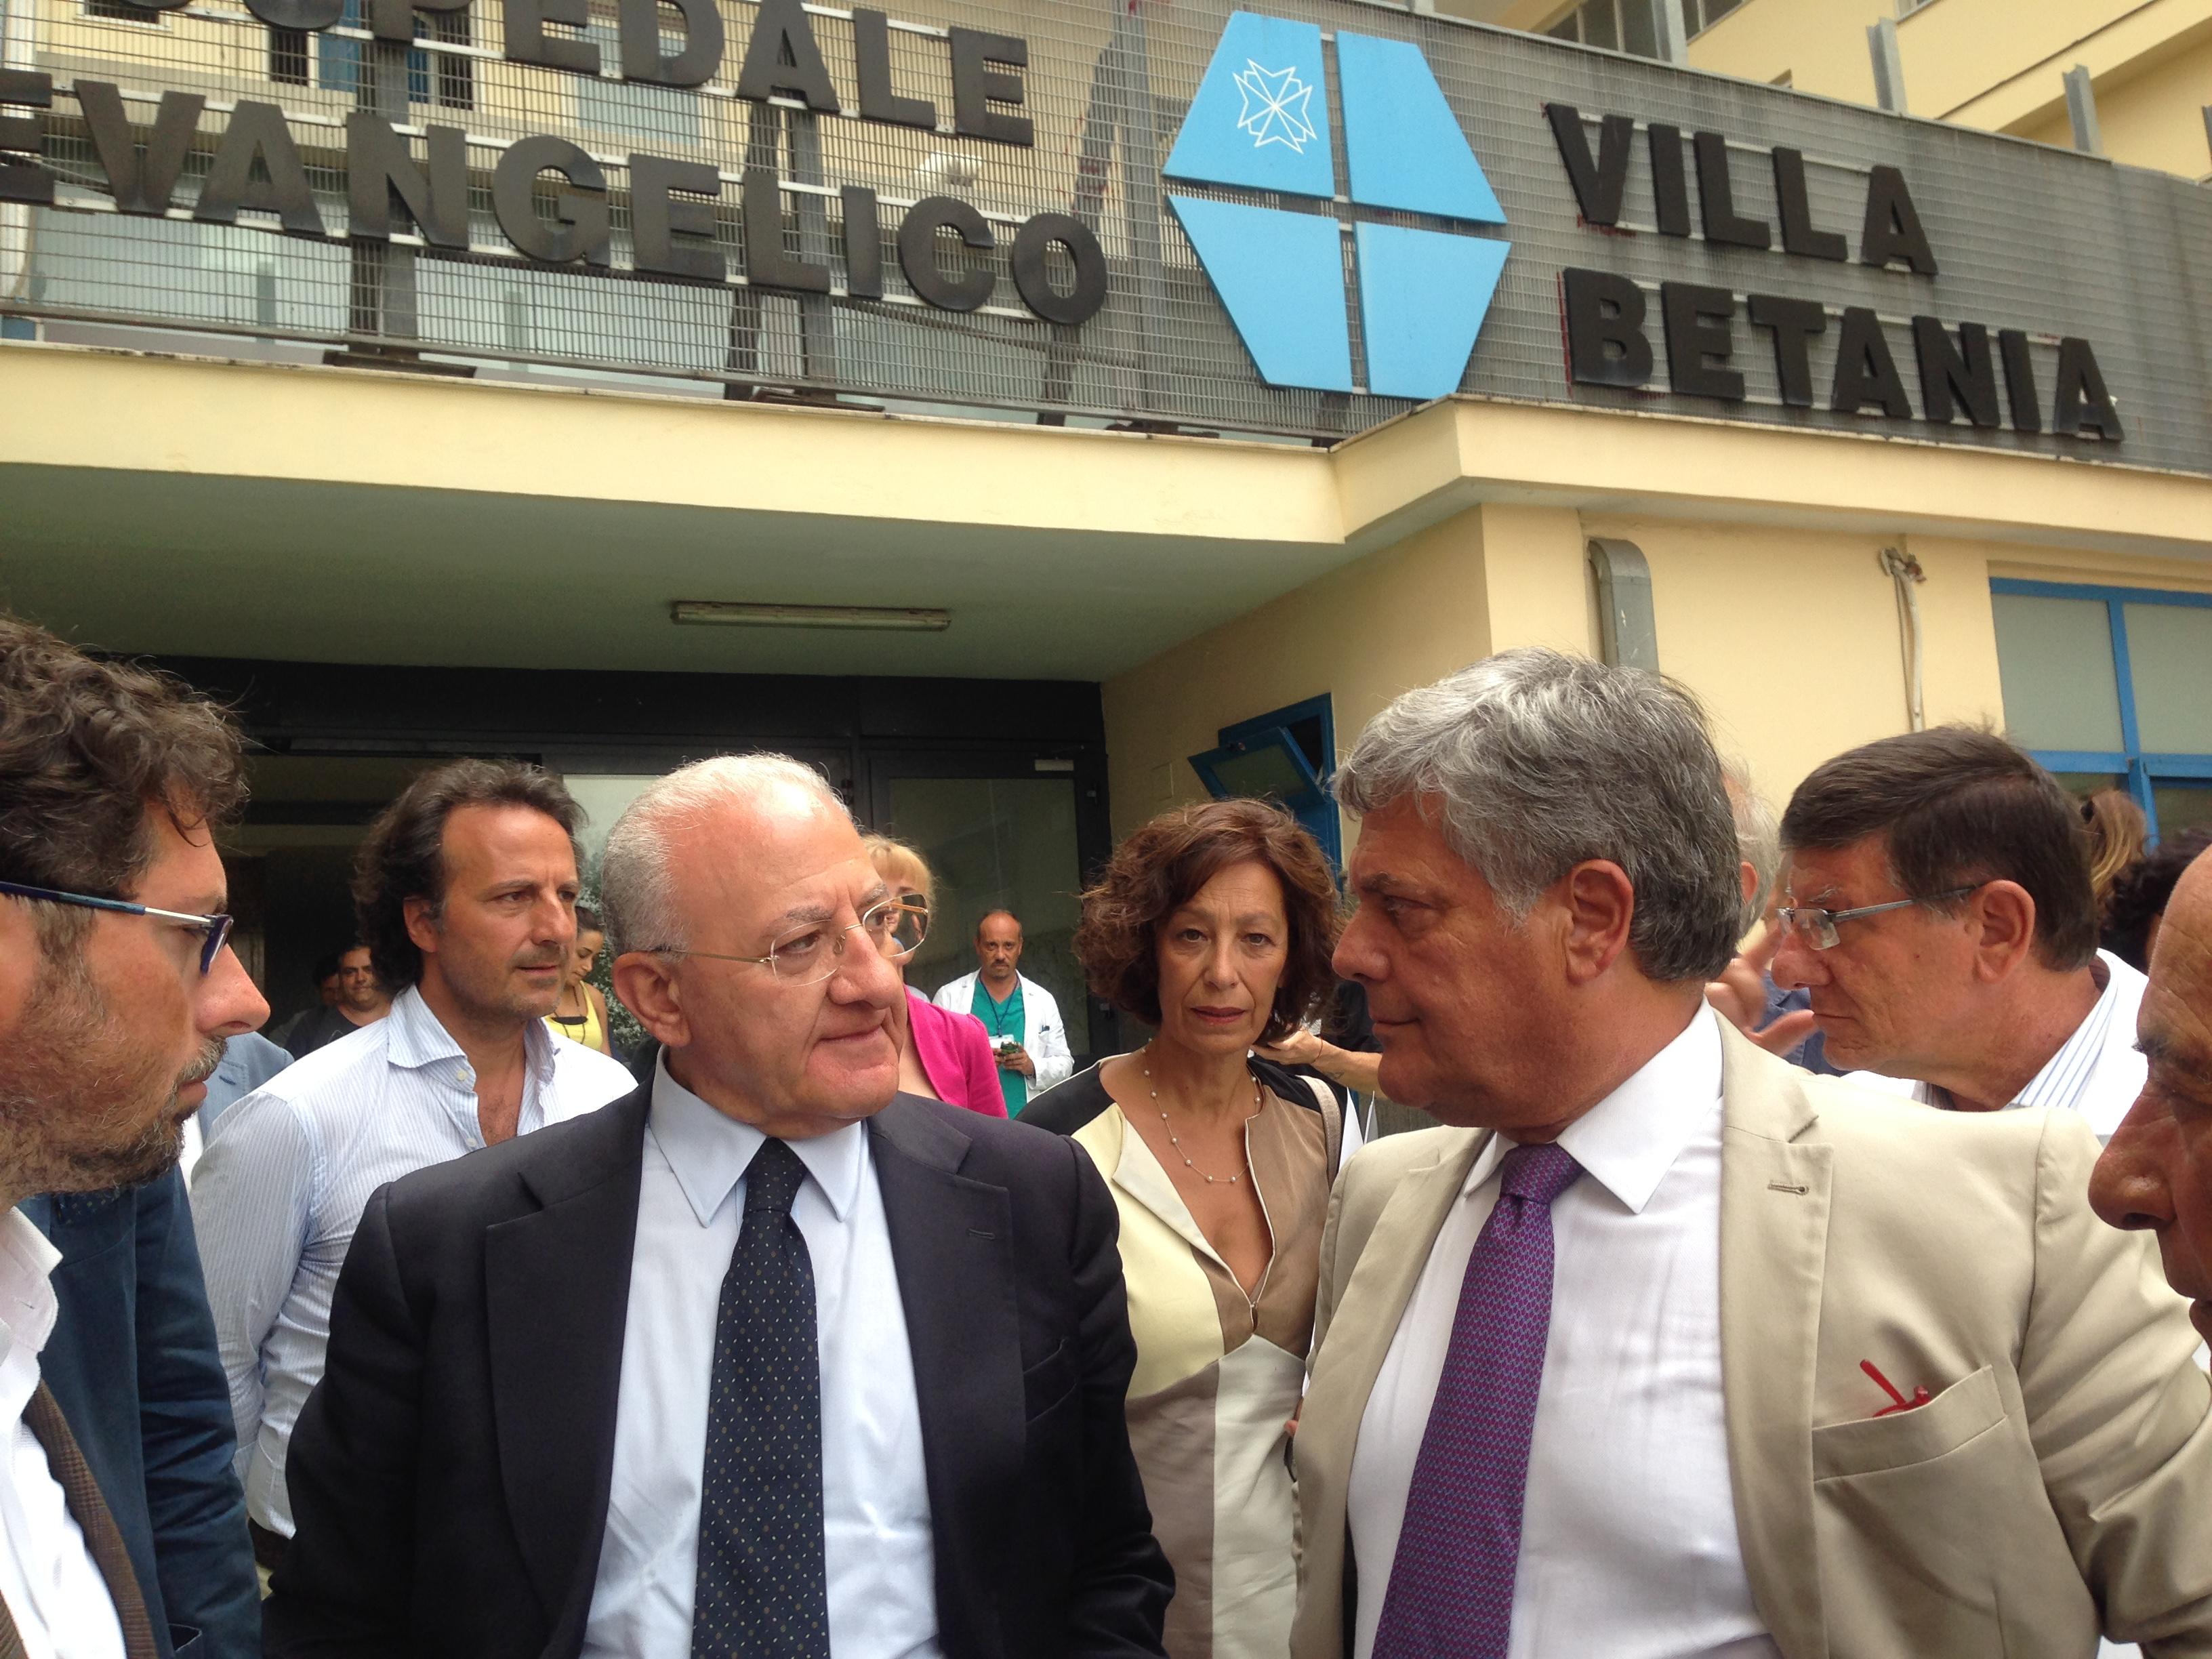 """Salute, solidarietà e sostenibilità: la mission dell'Ospedale Evangelico Villa Betania """"certificata"""" dal Presidente Vincenzo De Luca"""